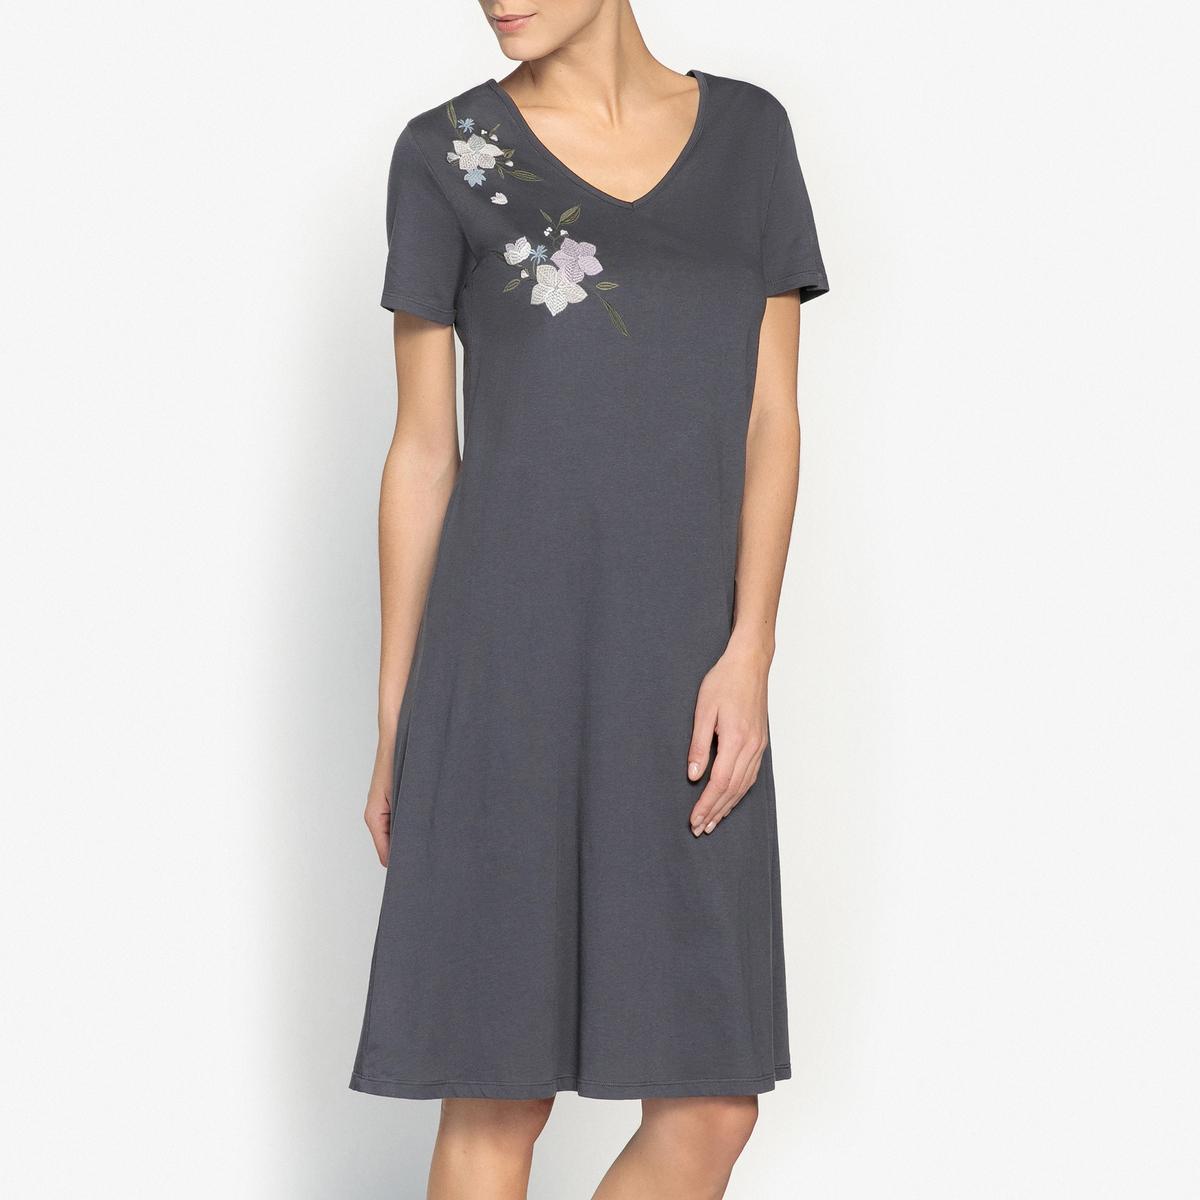 Рубашка ночная с вышивкойНочная рубашка с вышивкой и короткими рукавами, Anne Weyburn.Прямой покрой, короткие рукава, V-образный вырез, вышивка на груди. Состав и описание : Материал : 100% хлопокДлина : 103 смМарка : Anne Weyburn.Уход:Машинная стирка при 30 °С на деликатном режиме с вещами схожих цветов.Стирать, сушить и гладить при низкой температуре с изнаночной стороны.<br><br>Цвет: темно-синий<br>Размер: 34/36 (FR) - 40/42 (RUS).38/40 (FR) - 44/46 (RUS).42/44 (FR) - 48/50 (RUS)